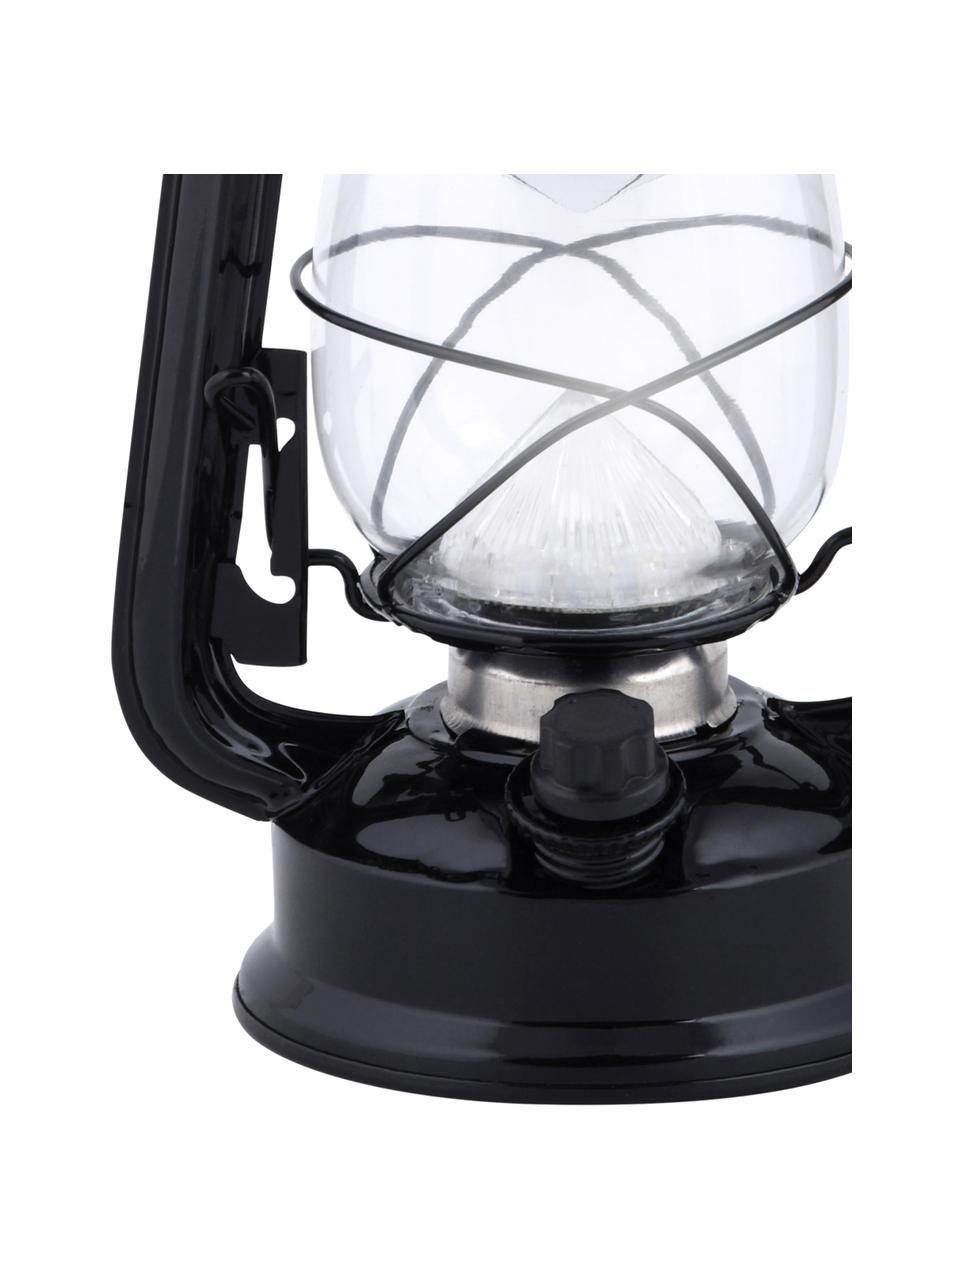 Mobilna latarenka zewnętrzna LED Tallin, Czarny, S 15 x W 24 cm